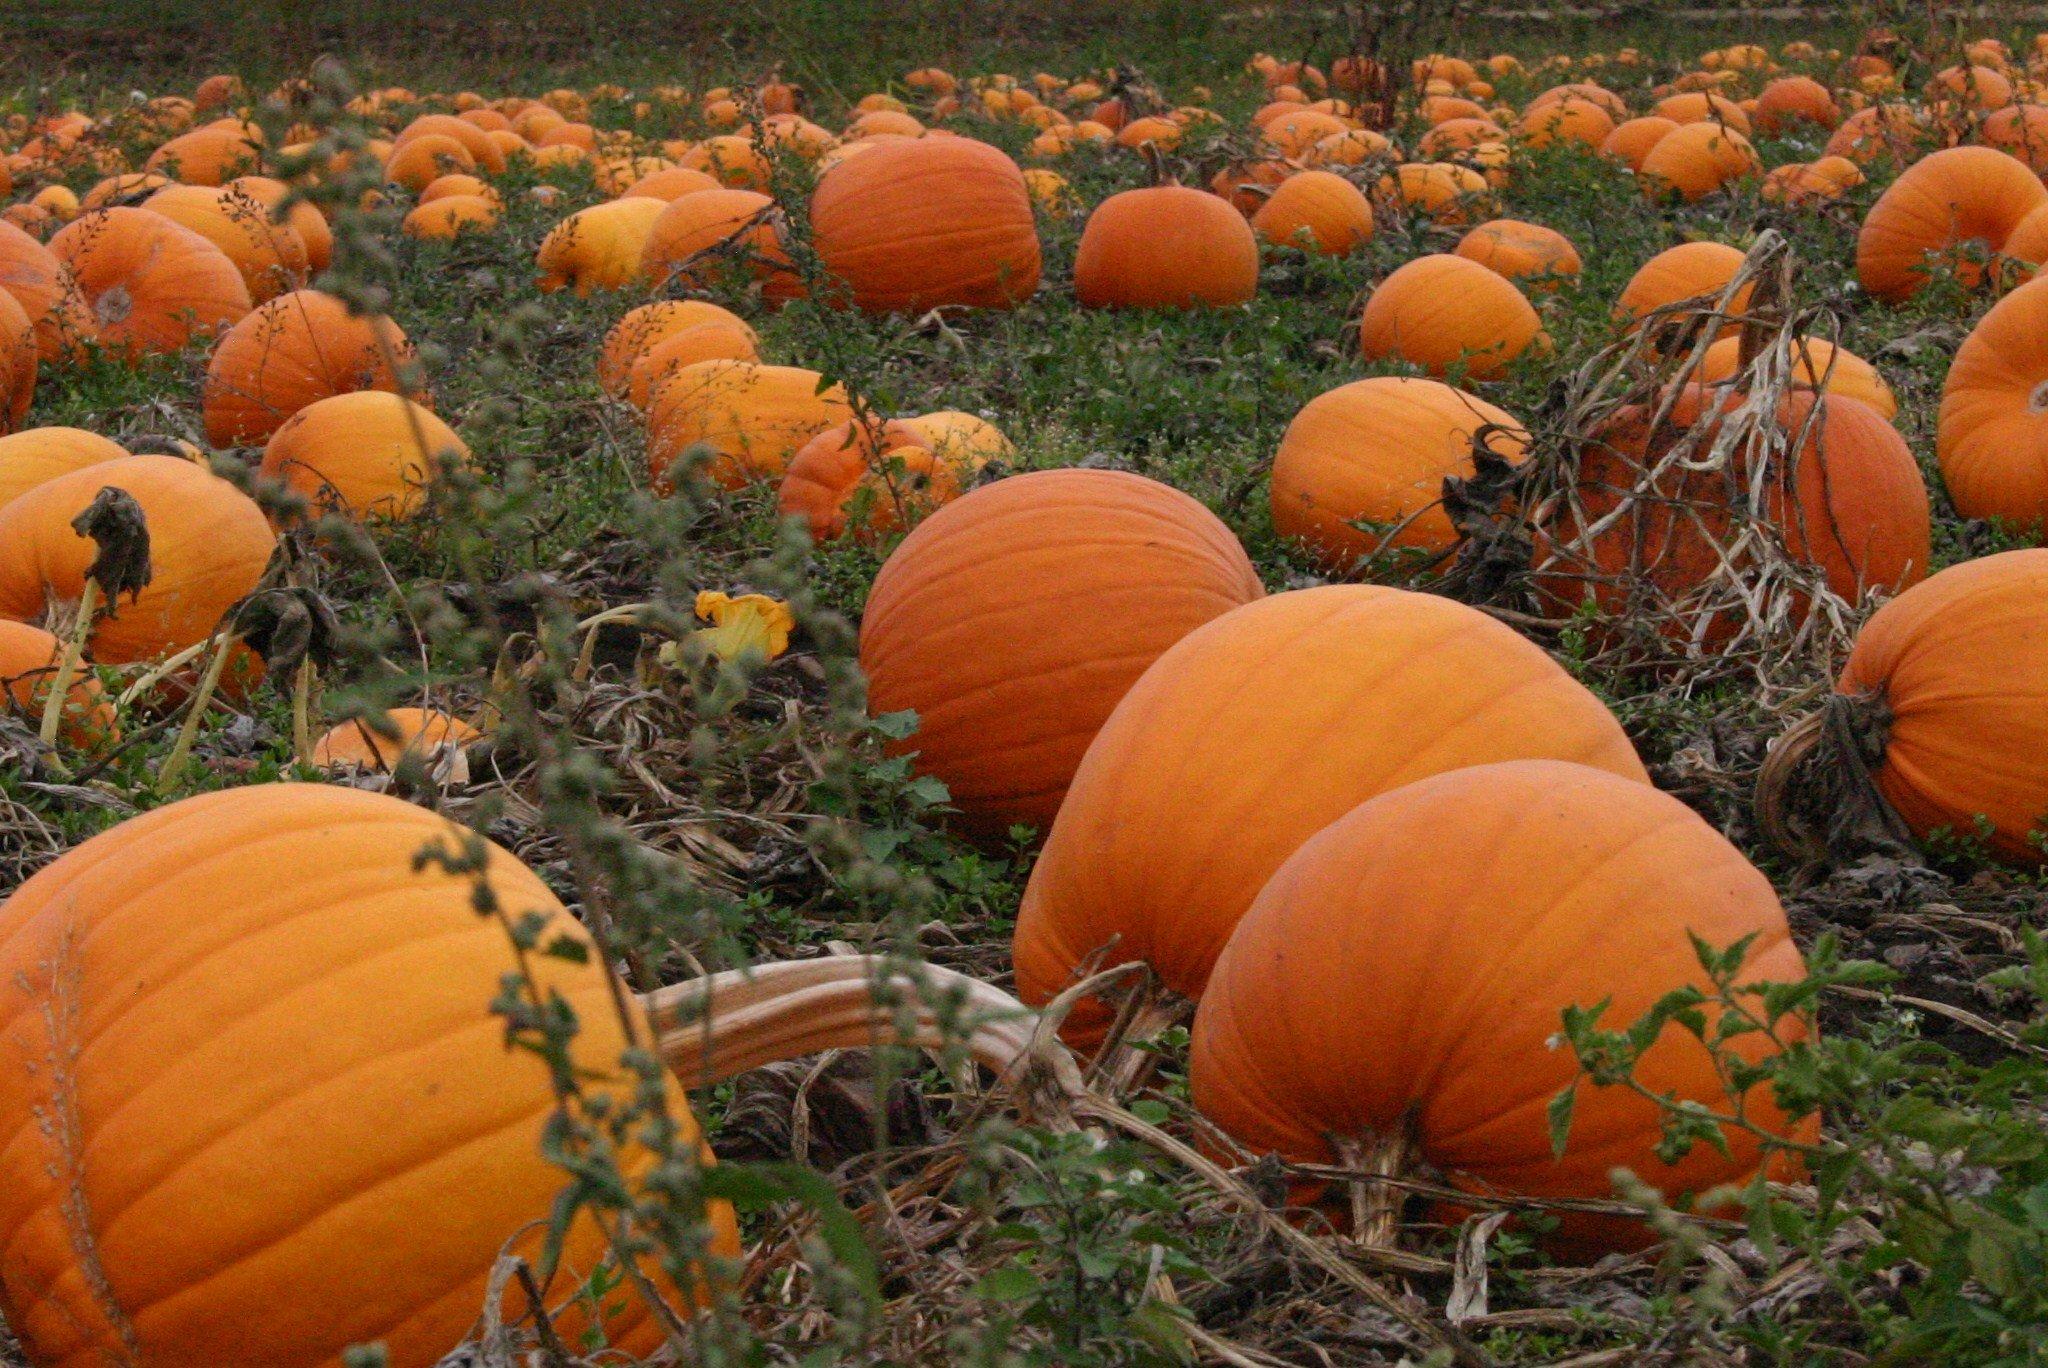 Pumpkin patch halloween autumn wallpaper 2048x1368 - Pumpkin wallpaper fall ...